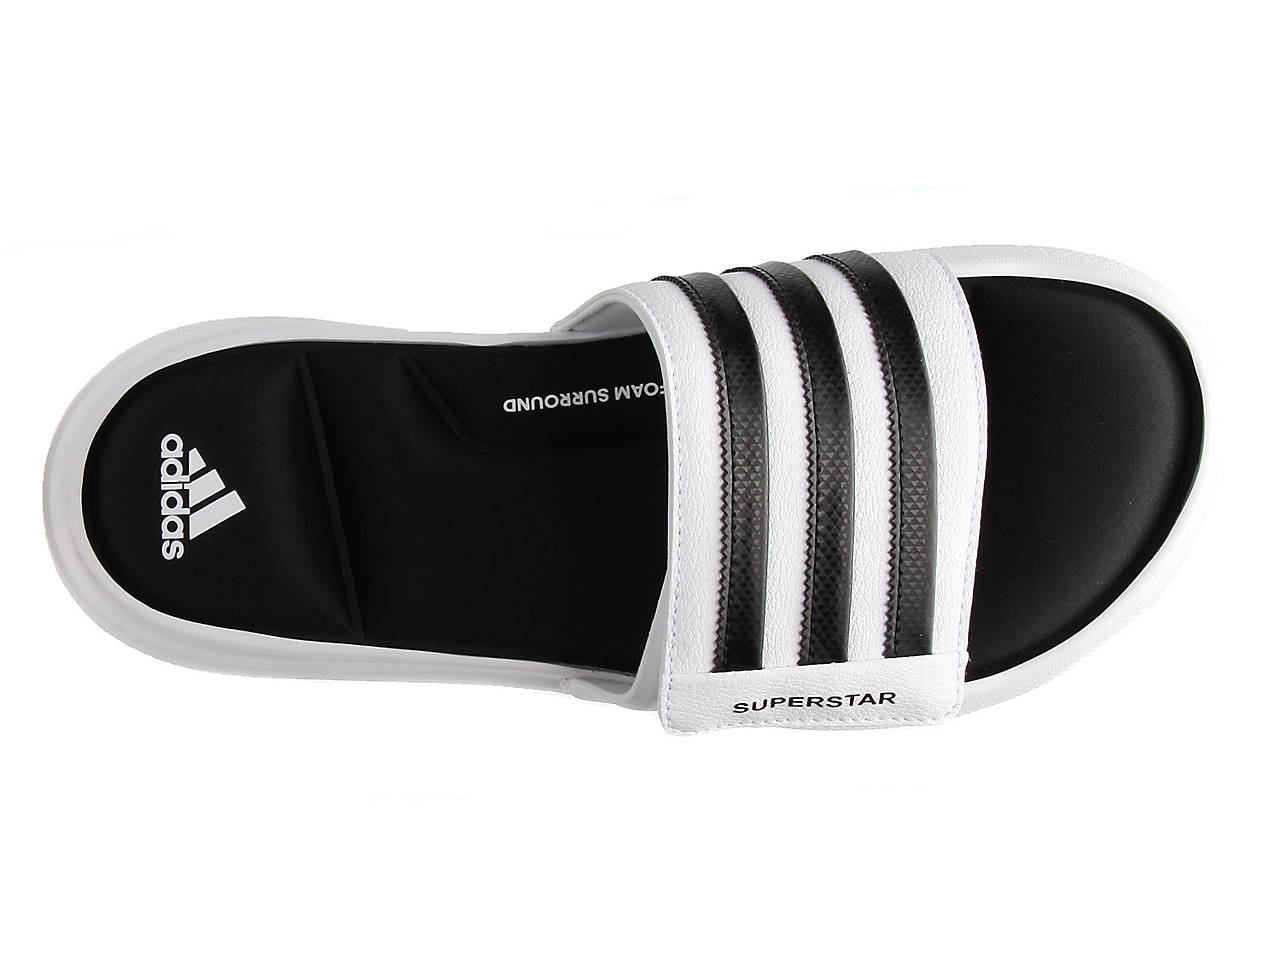 promo code 7659f 2cc47 Superstar 5G Slide Sandal - Men's